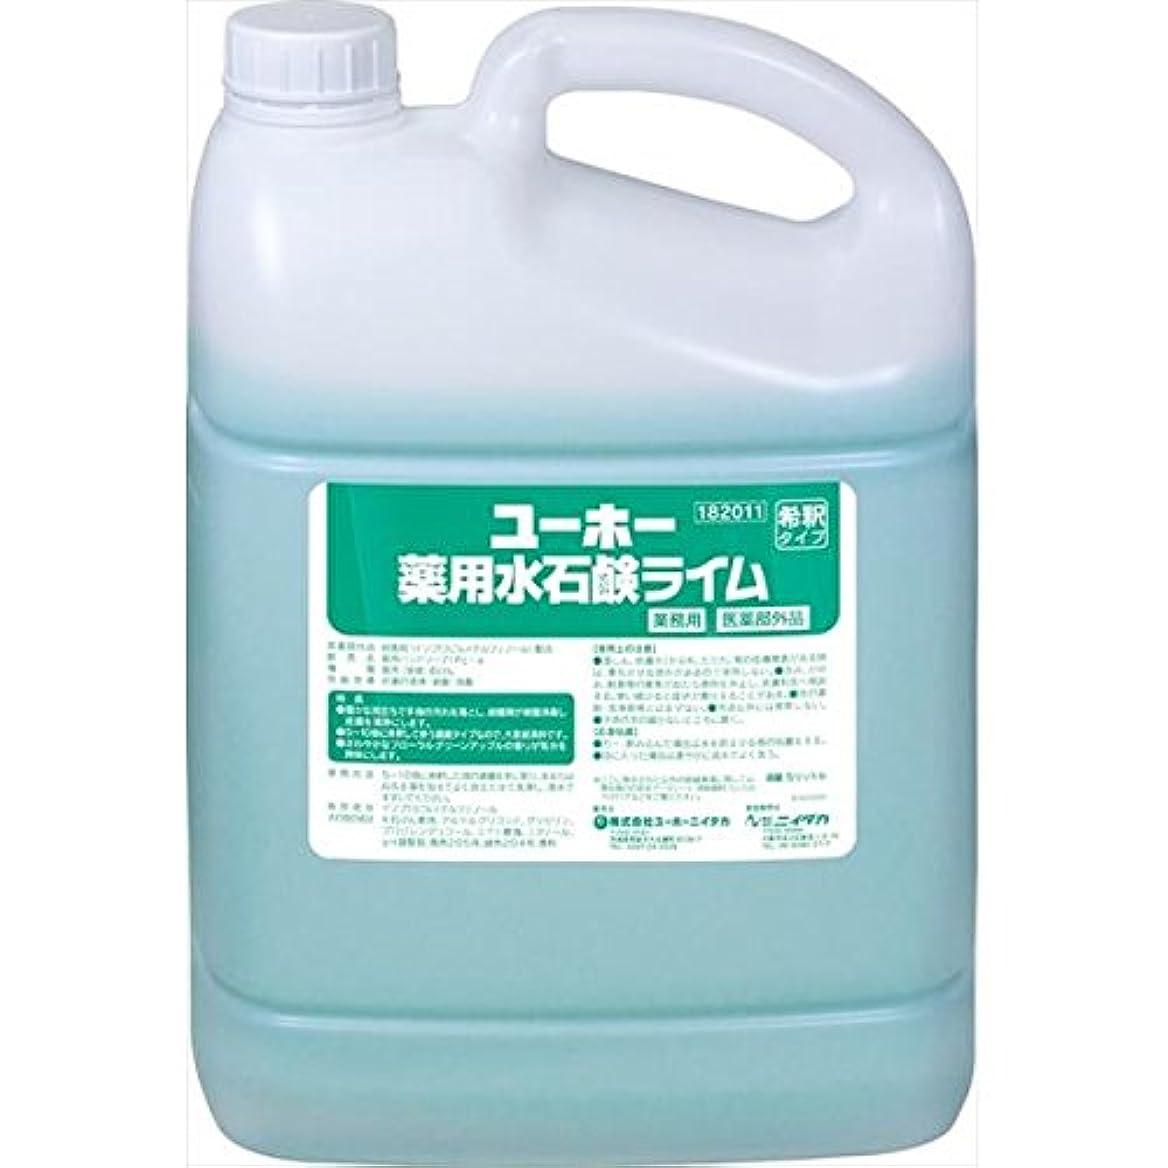 低い機密またはユーホーニイタカ:薬用水石鹸ライム 5L×2 182011